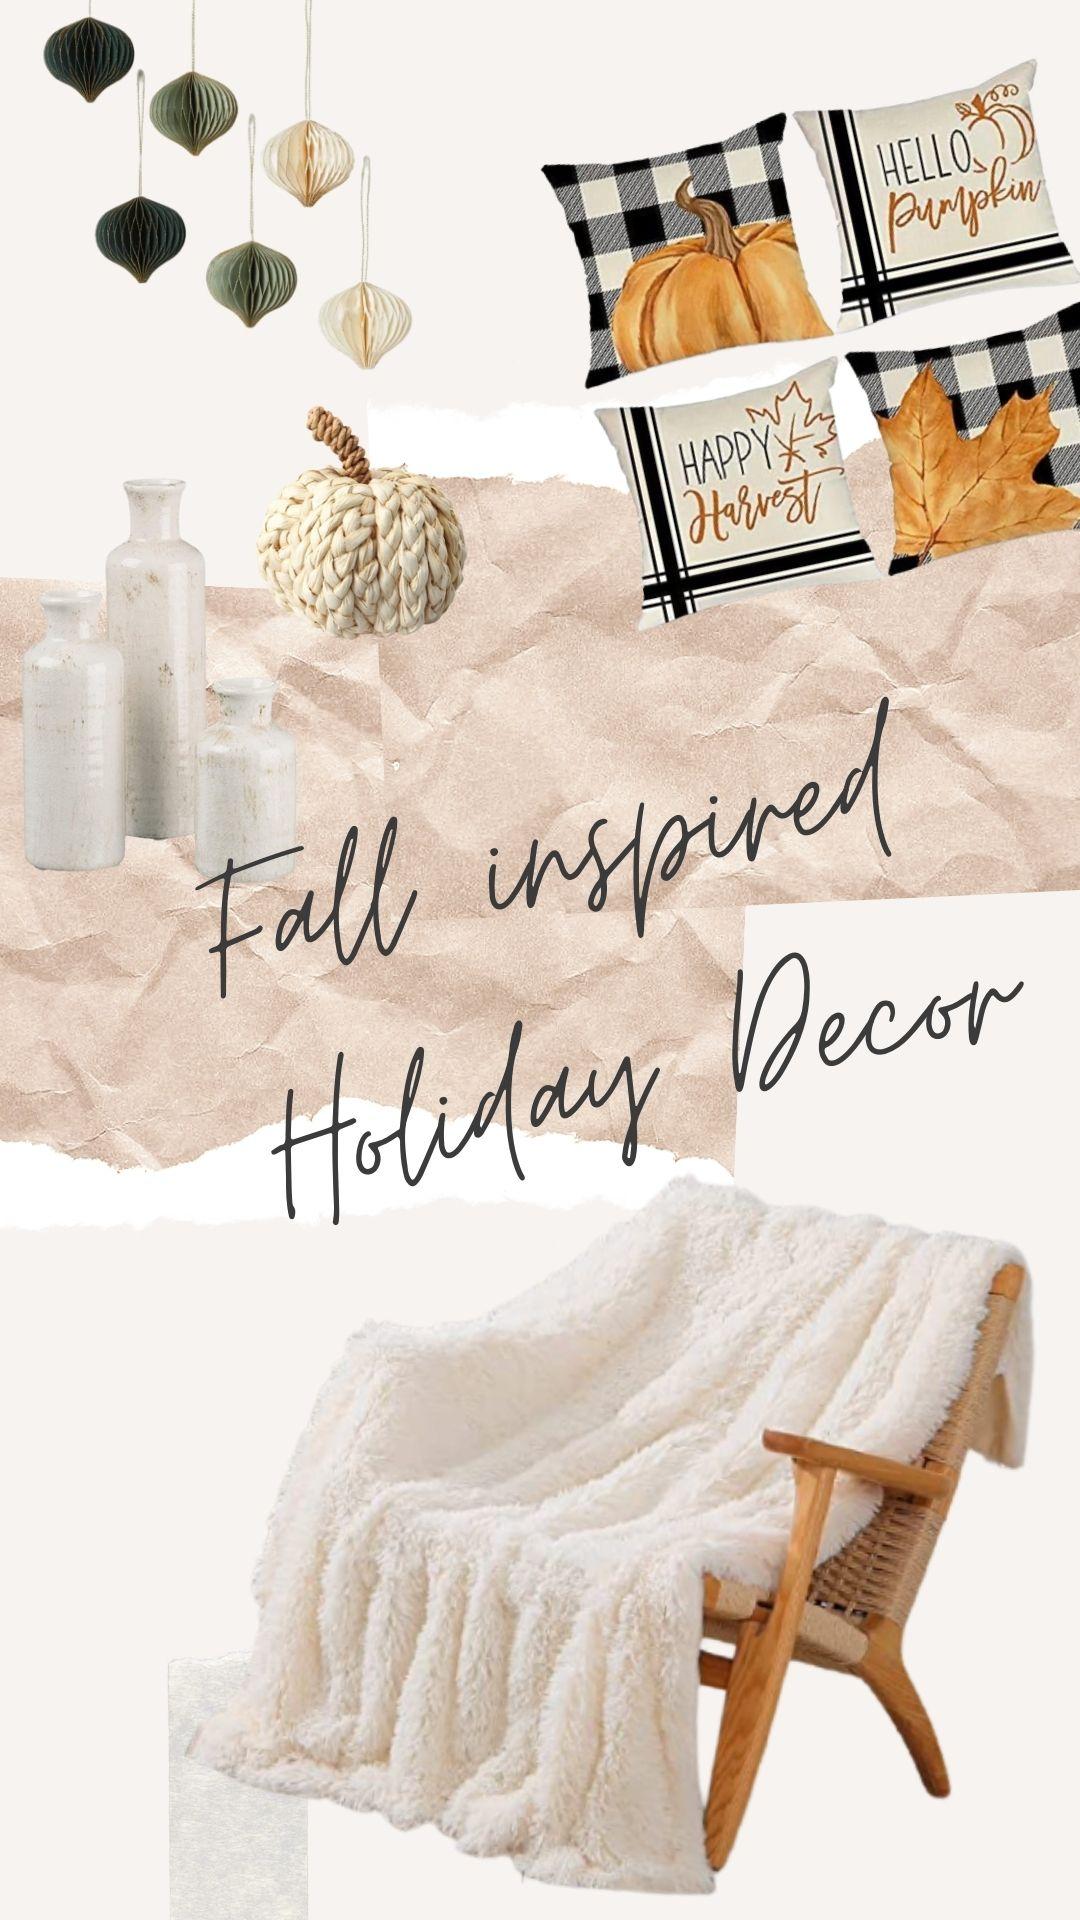 Fall Holiday Decor 🍂